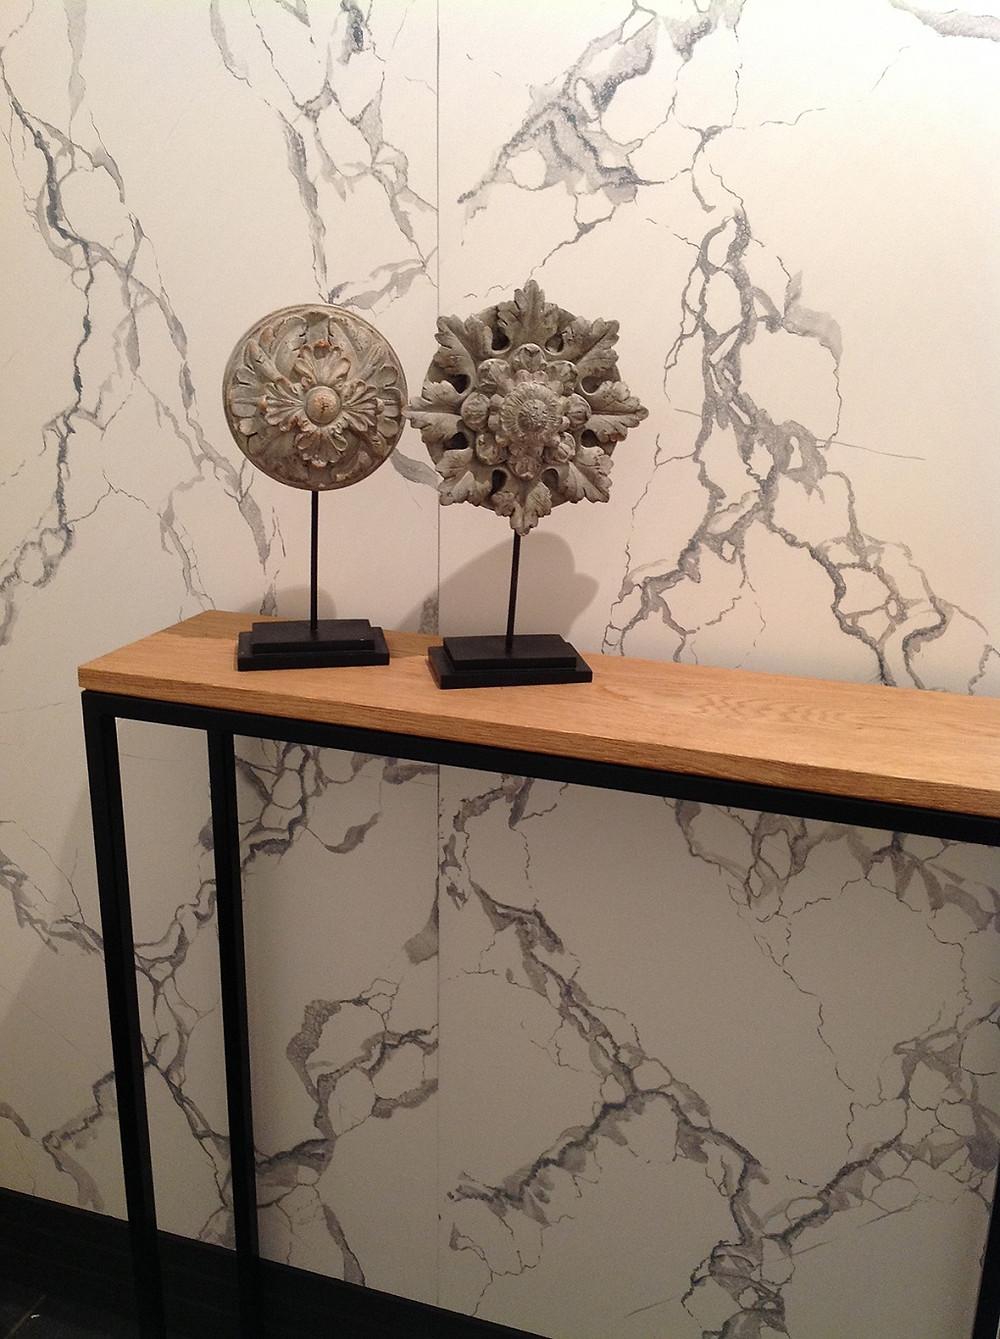 Deco-art faux-marbre artisanale vakman